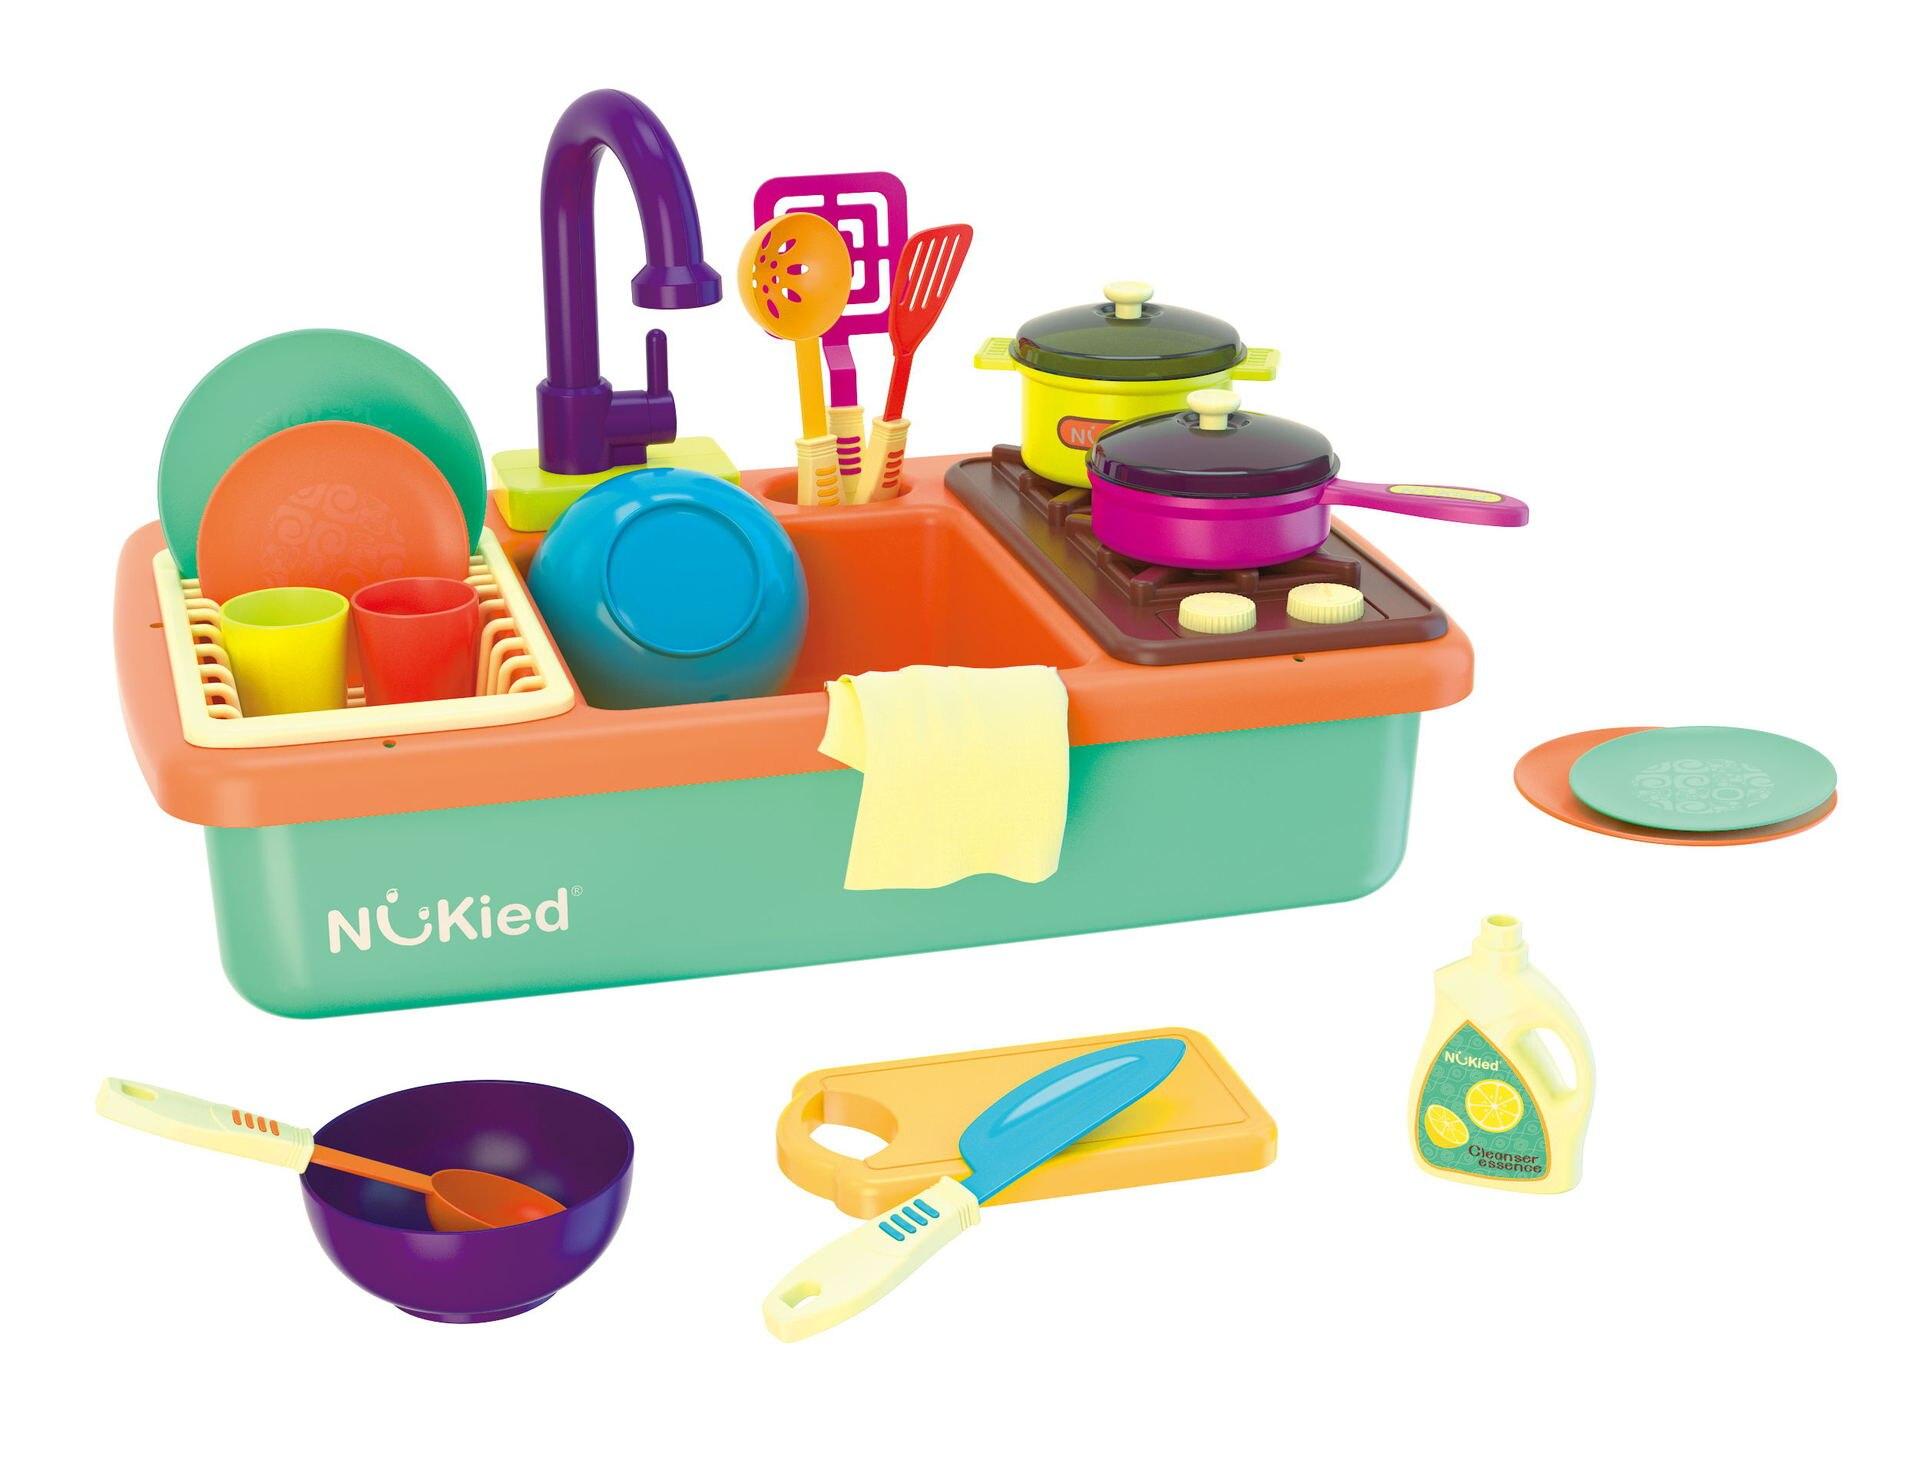 NUKied Dishpan игровой домик для кухни бассейн детский игровой набор с водой детская раковина